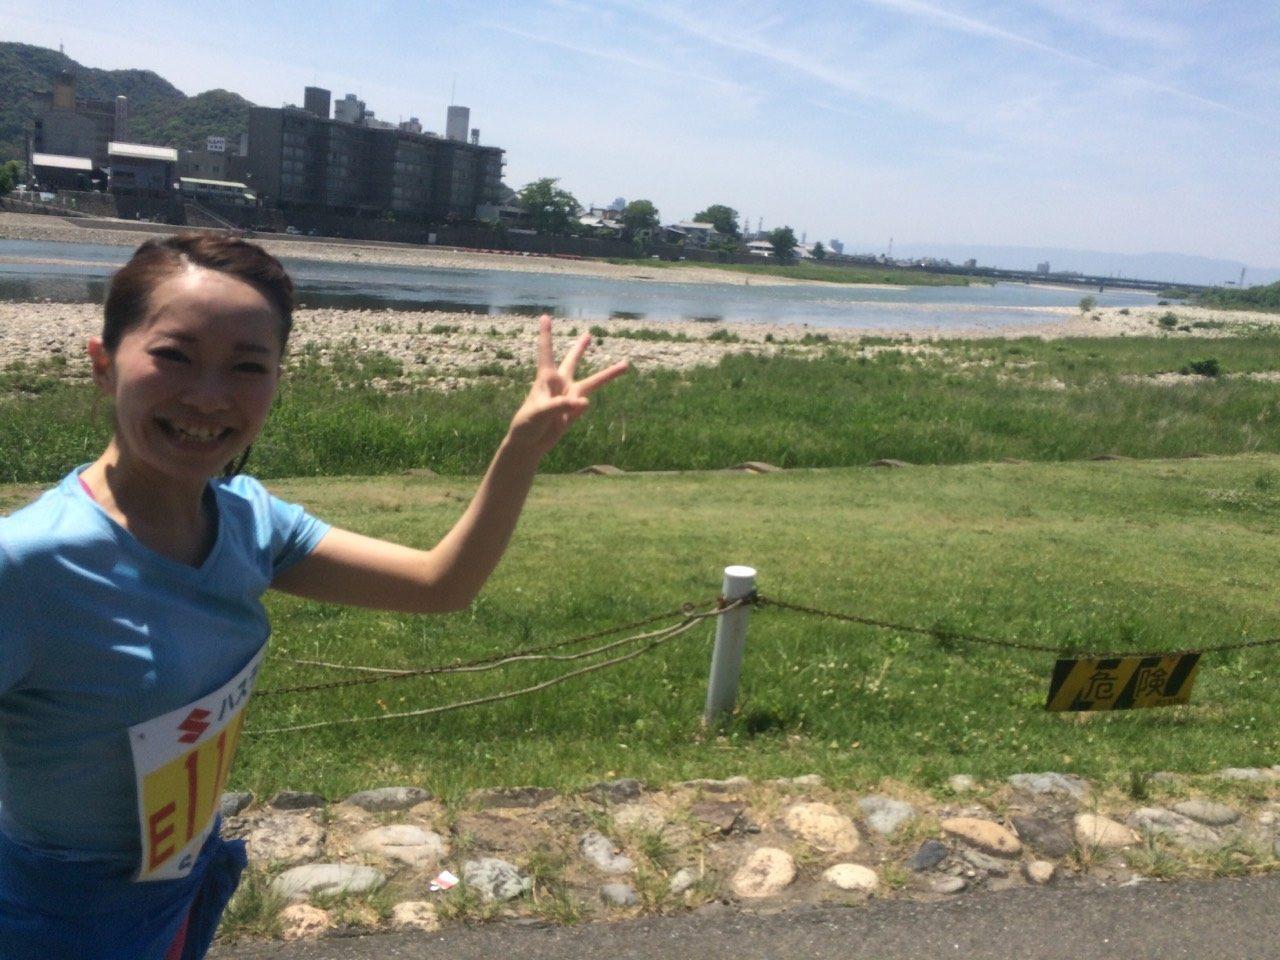 画像2: 速報!ぎふ清流ハーフマラソン、無事完走!